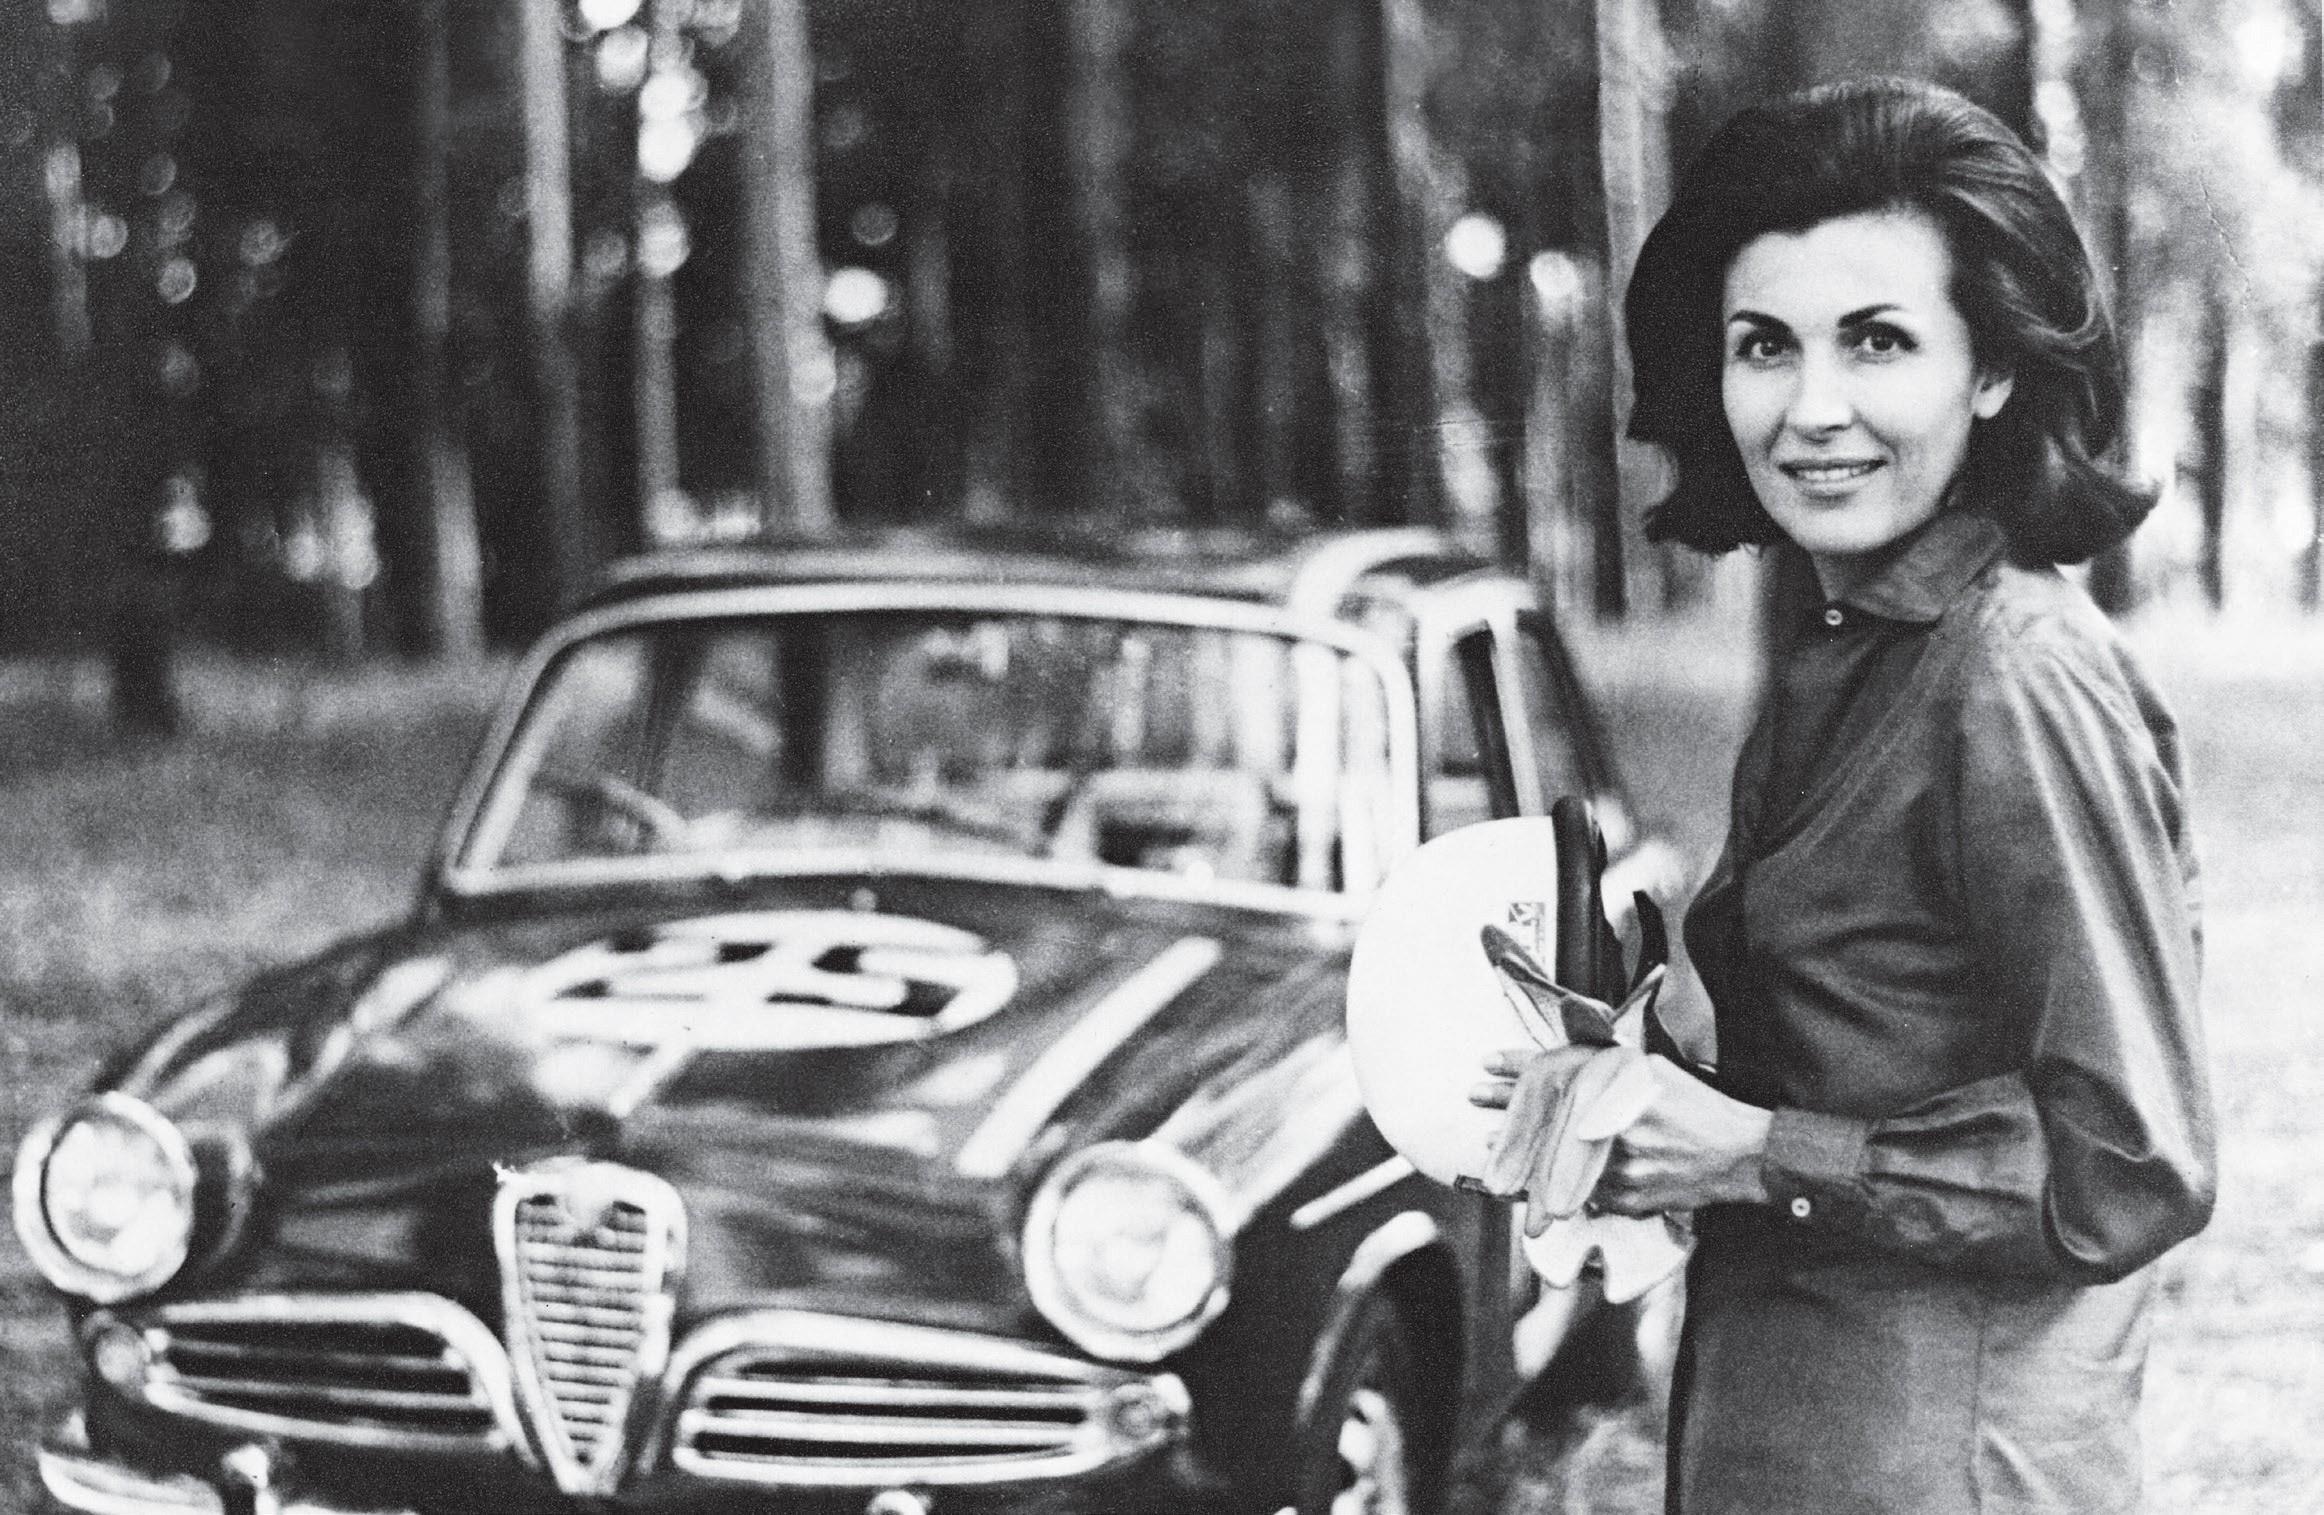 Lulla Gancia ao lado do Alfa Giulietta, com que disputou a primeira corrida em 1963 (Foto: Arquivo Pessoal e Estadão Conteúdo)